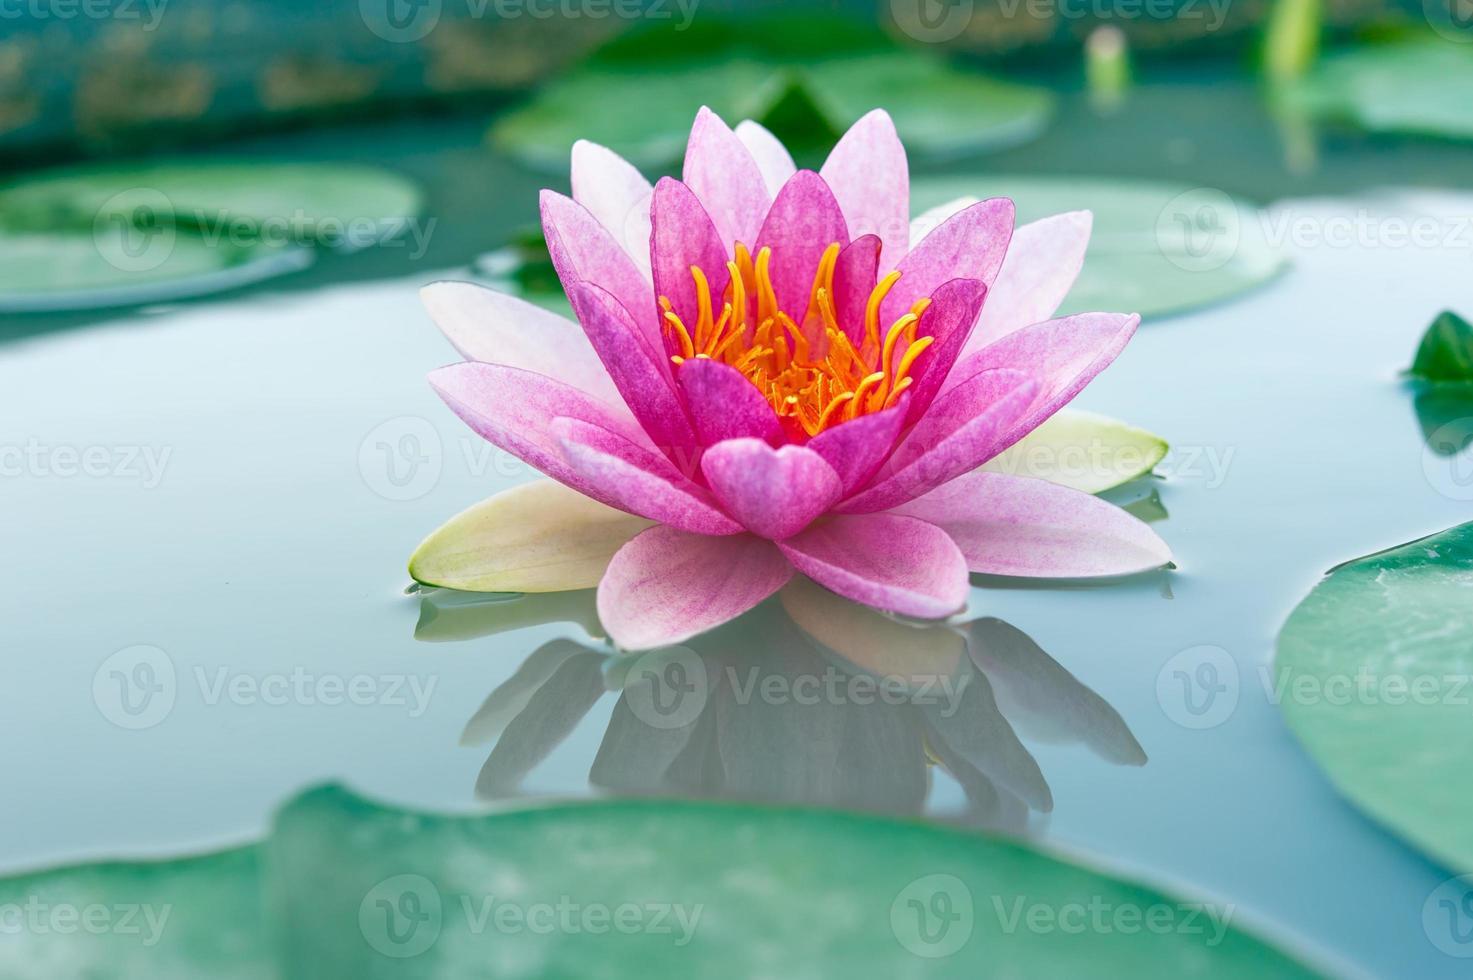 bellissimo waterlily o fiore di loto in uno stagno foto